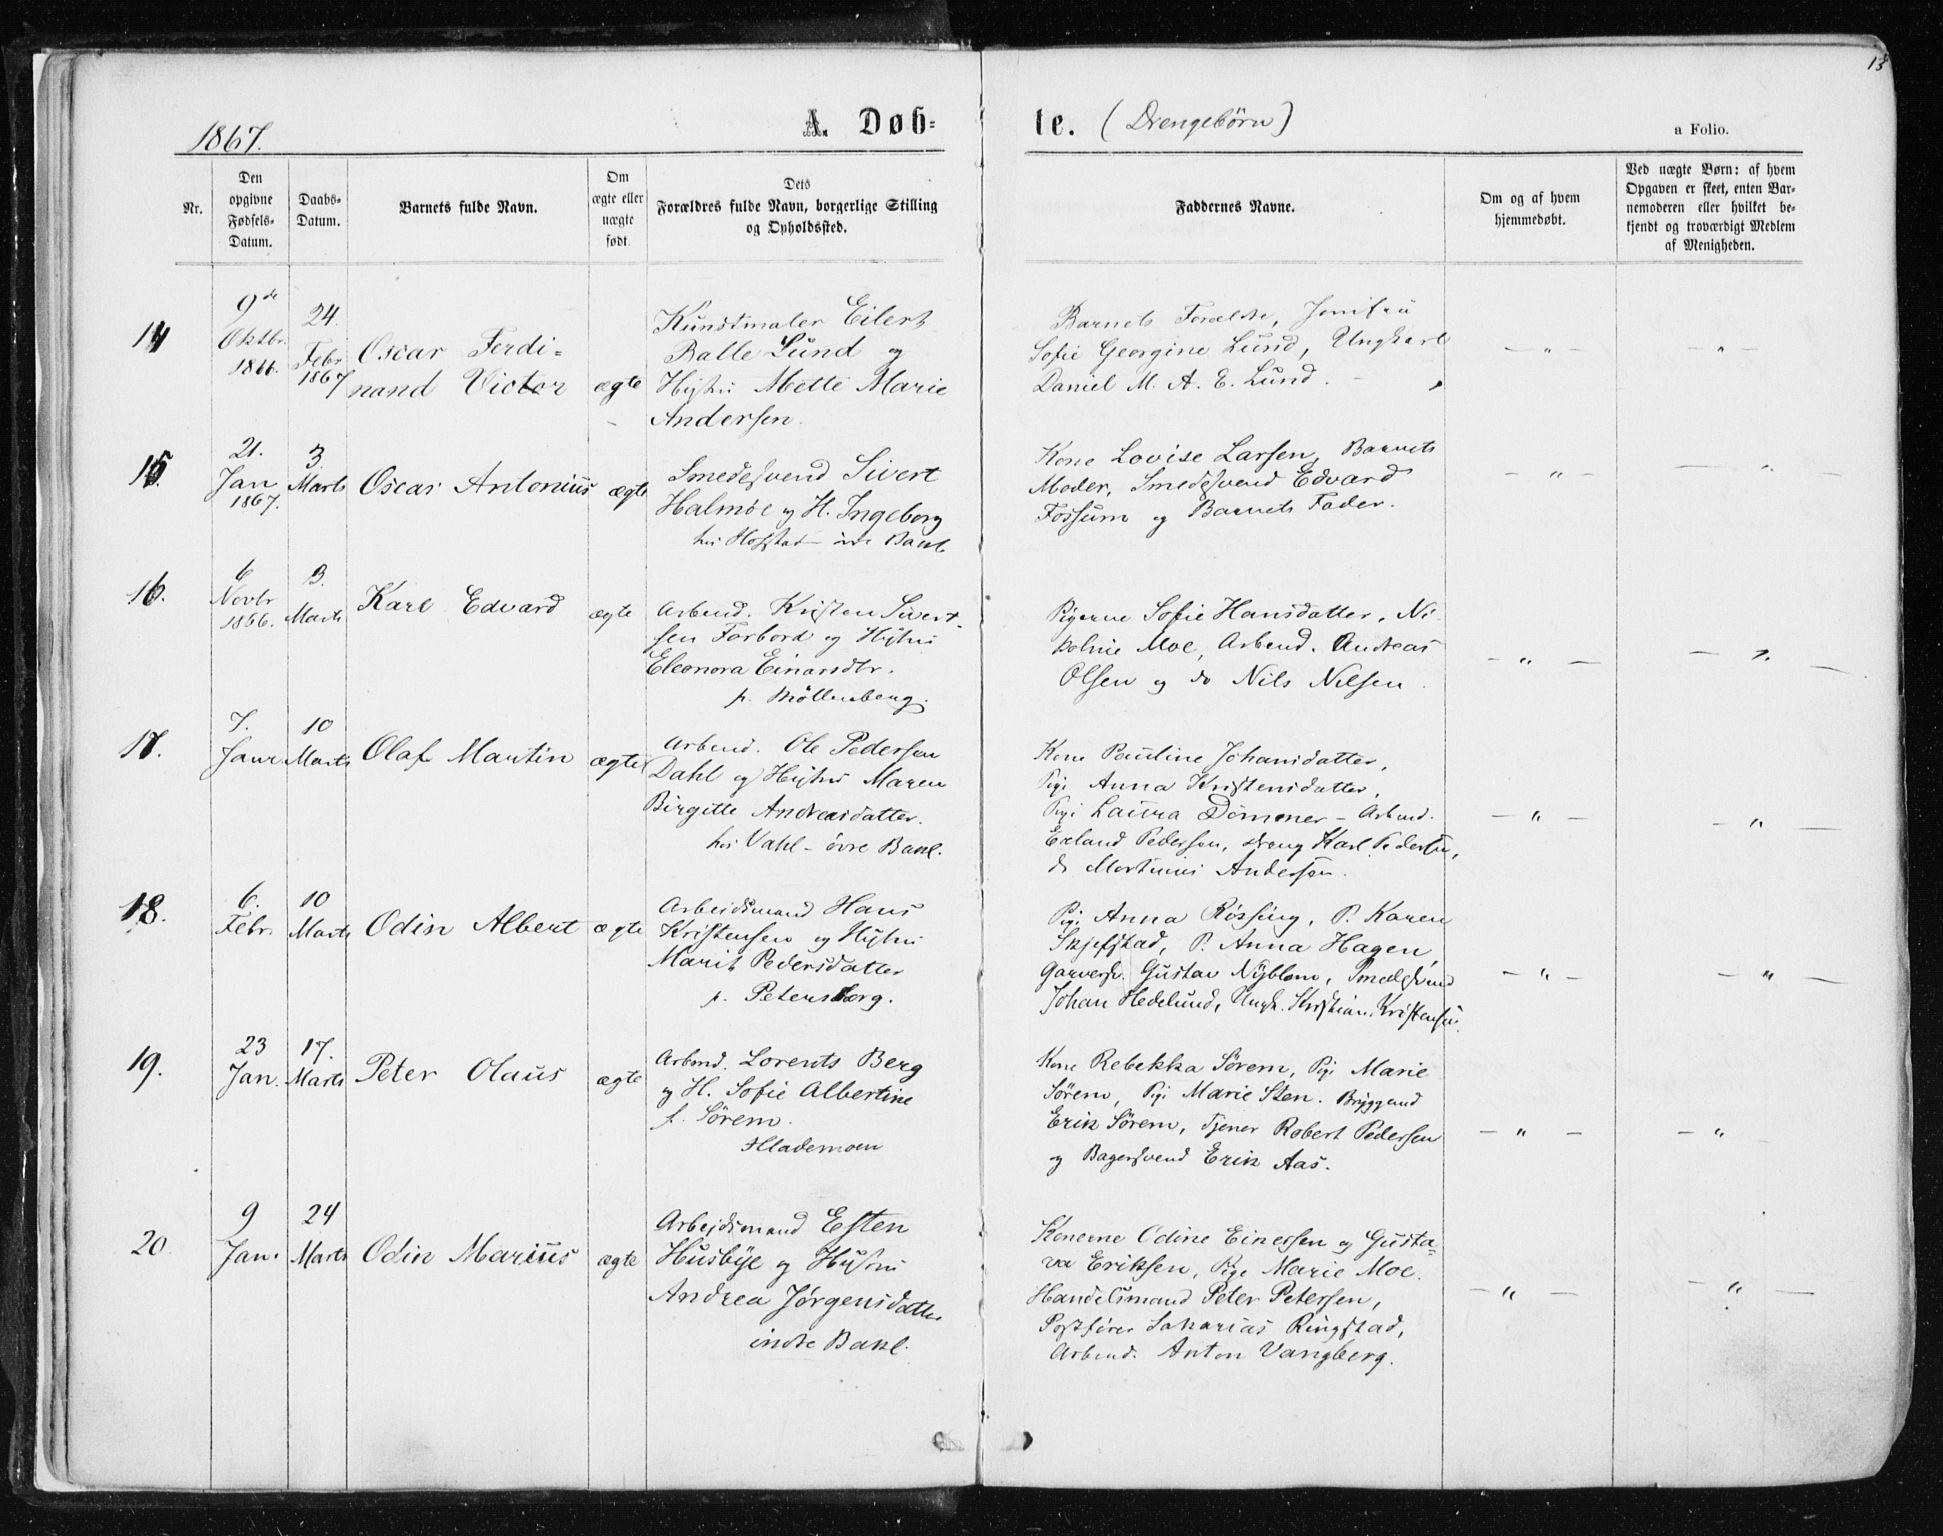 SAT, Ministerialprotokoller, klokkerbøker og fødselsregistre - Sør-Trøndelag, 604/L0186: Ministerialbok nr. 604A07, 1866-1877, s. 13